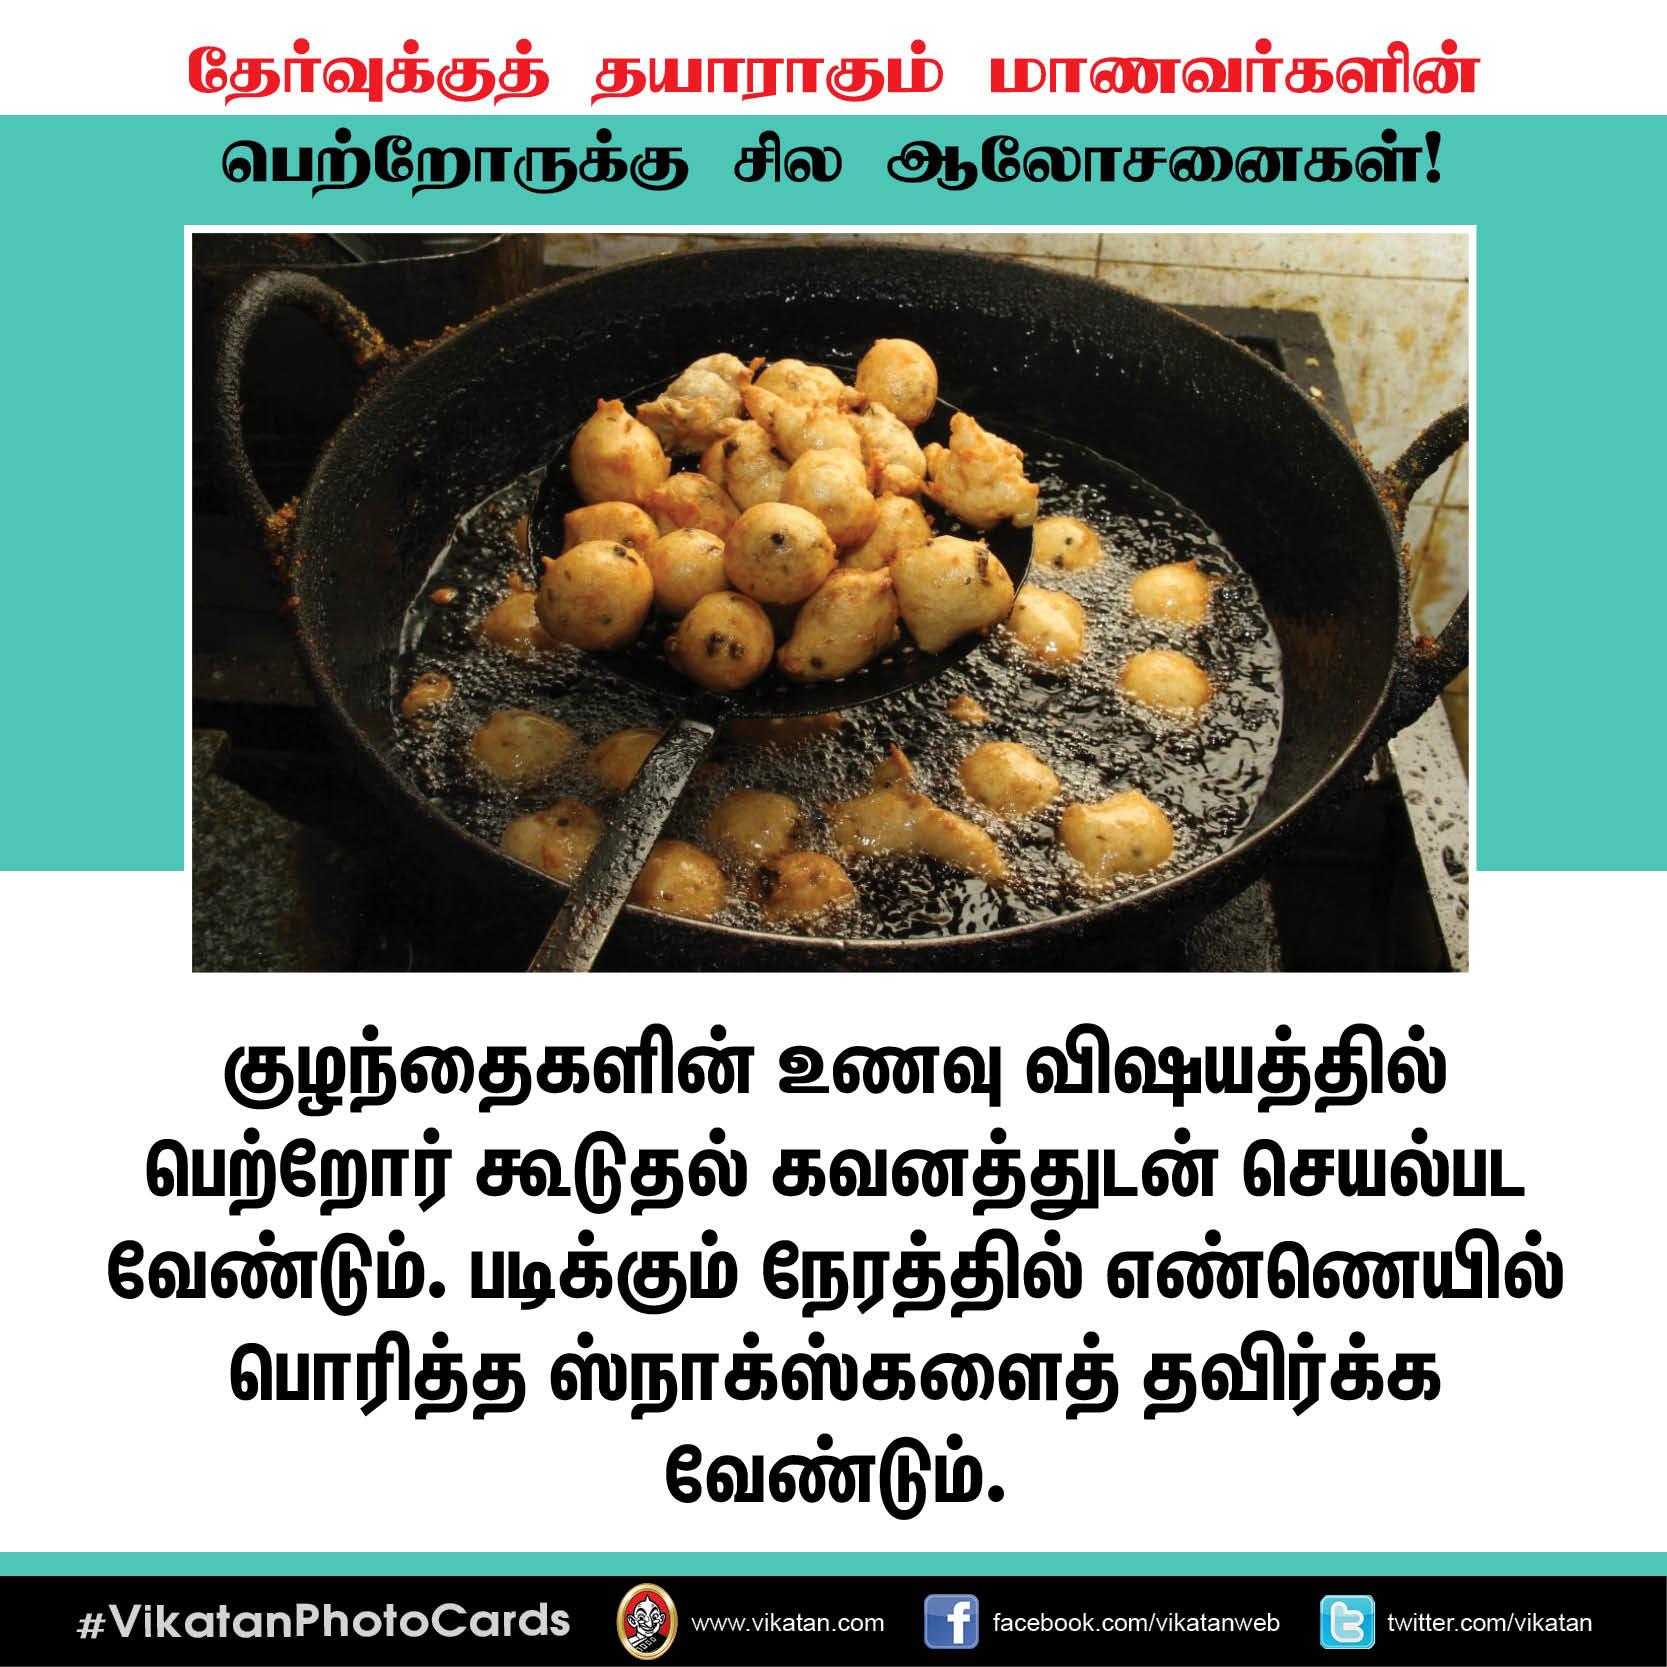 தேர்வுக்குத் தயாராகும் மாணவர்களின் பெற்றோருக்கு சில ஆலோசனைகள்! #VikatanPhotoCards